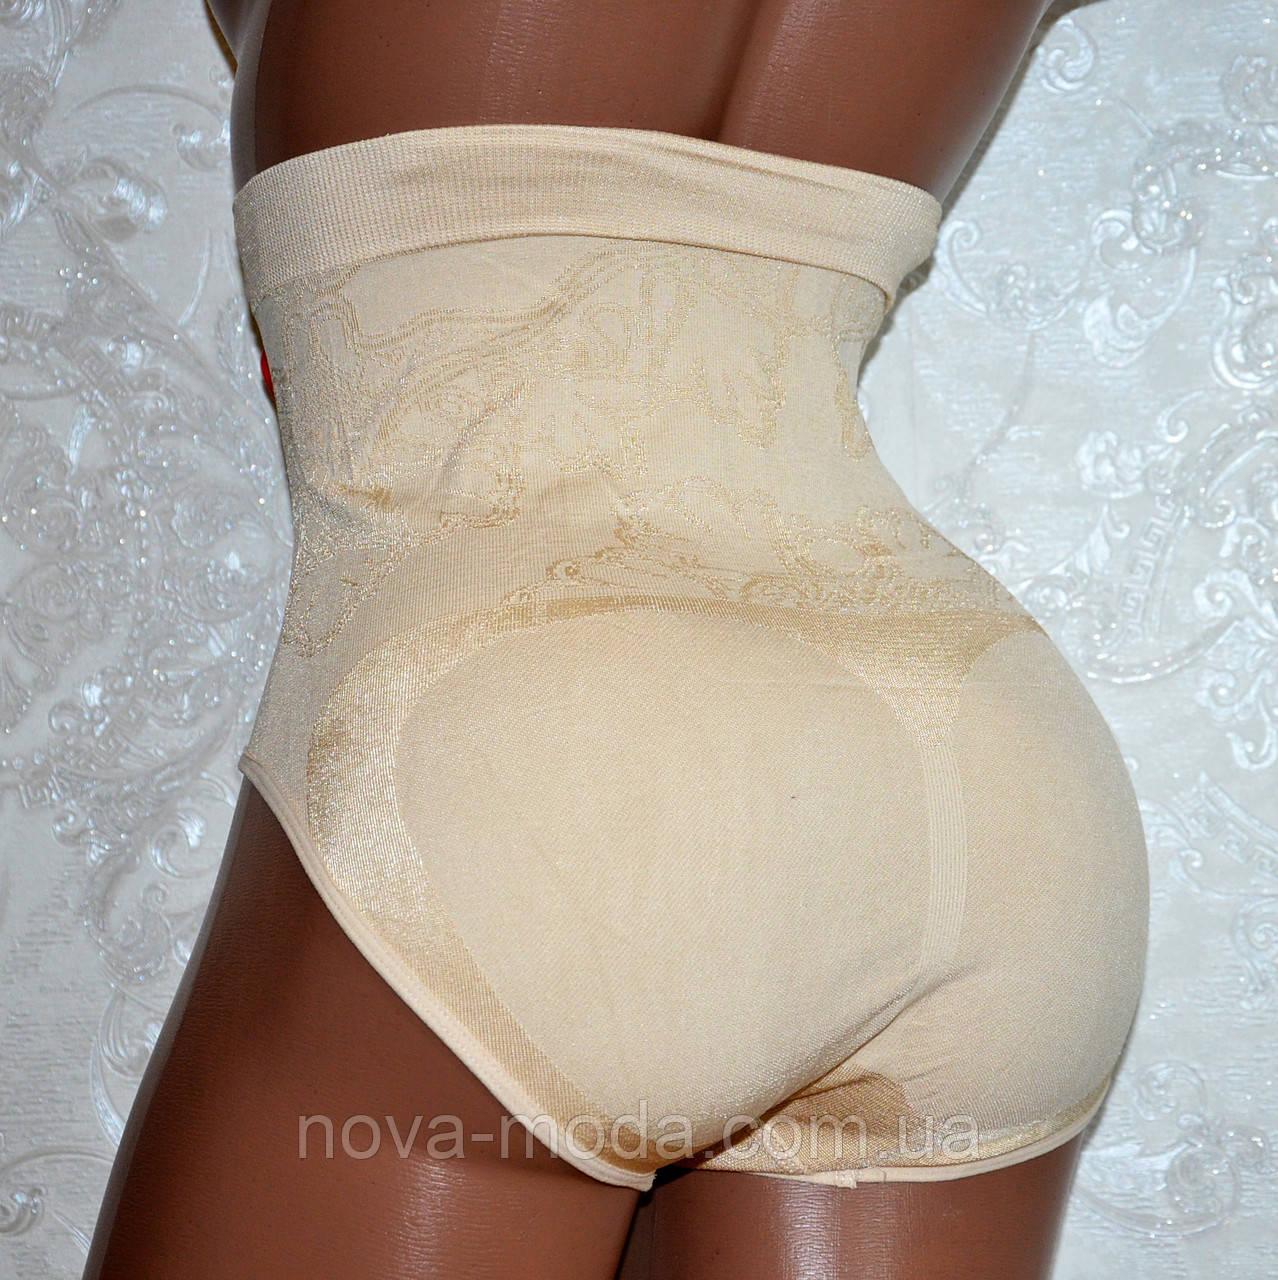 Женское корректирующее женское белье большой размер вибромоторчик от массажера